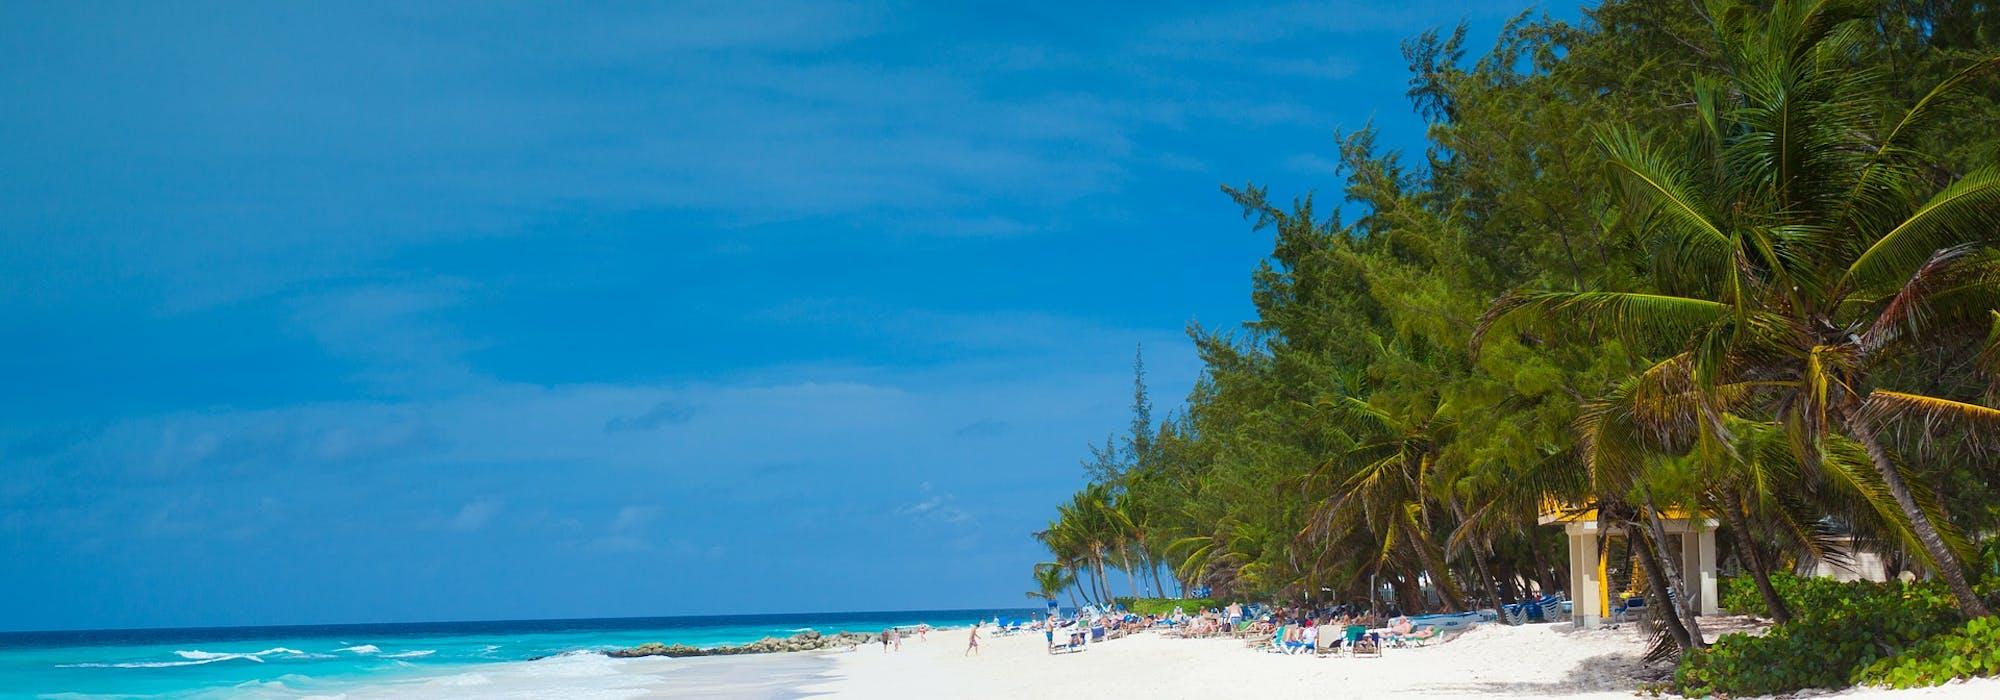 Bild på en snövit strand, palmer och ljusblått vatten i Barbados.